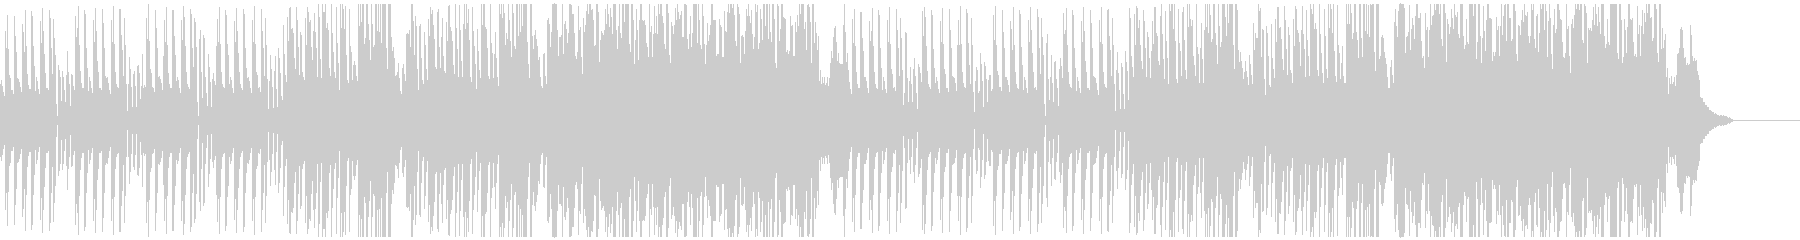 ギャグ、茶番に合うピアノ主体のBGMの未再生の波形